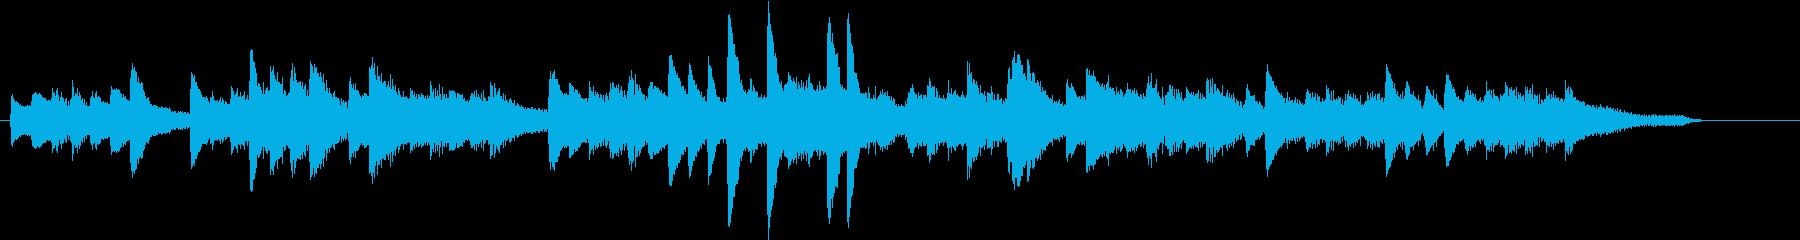 お正月・春の海モチーフのピアノジングルJの再生済みの波形